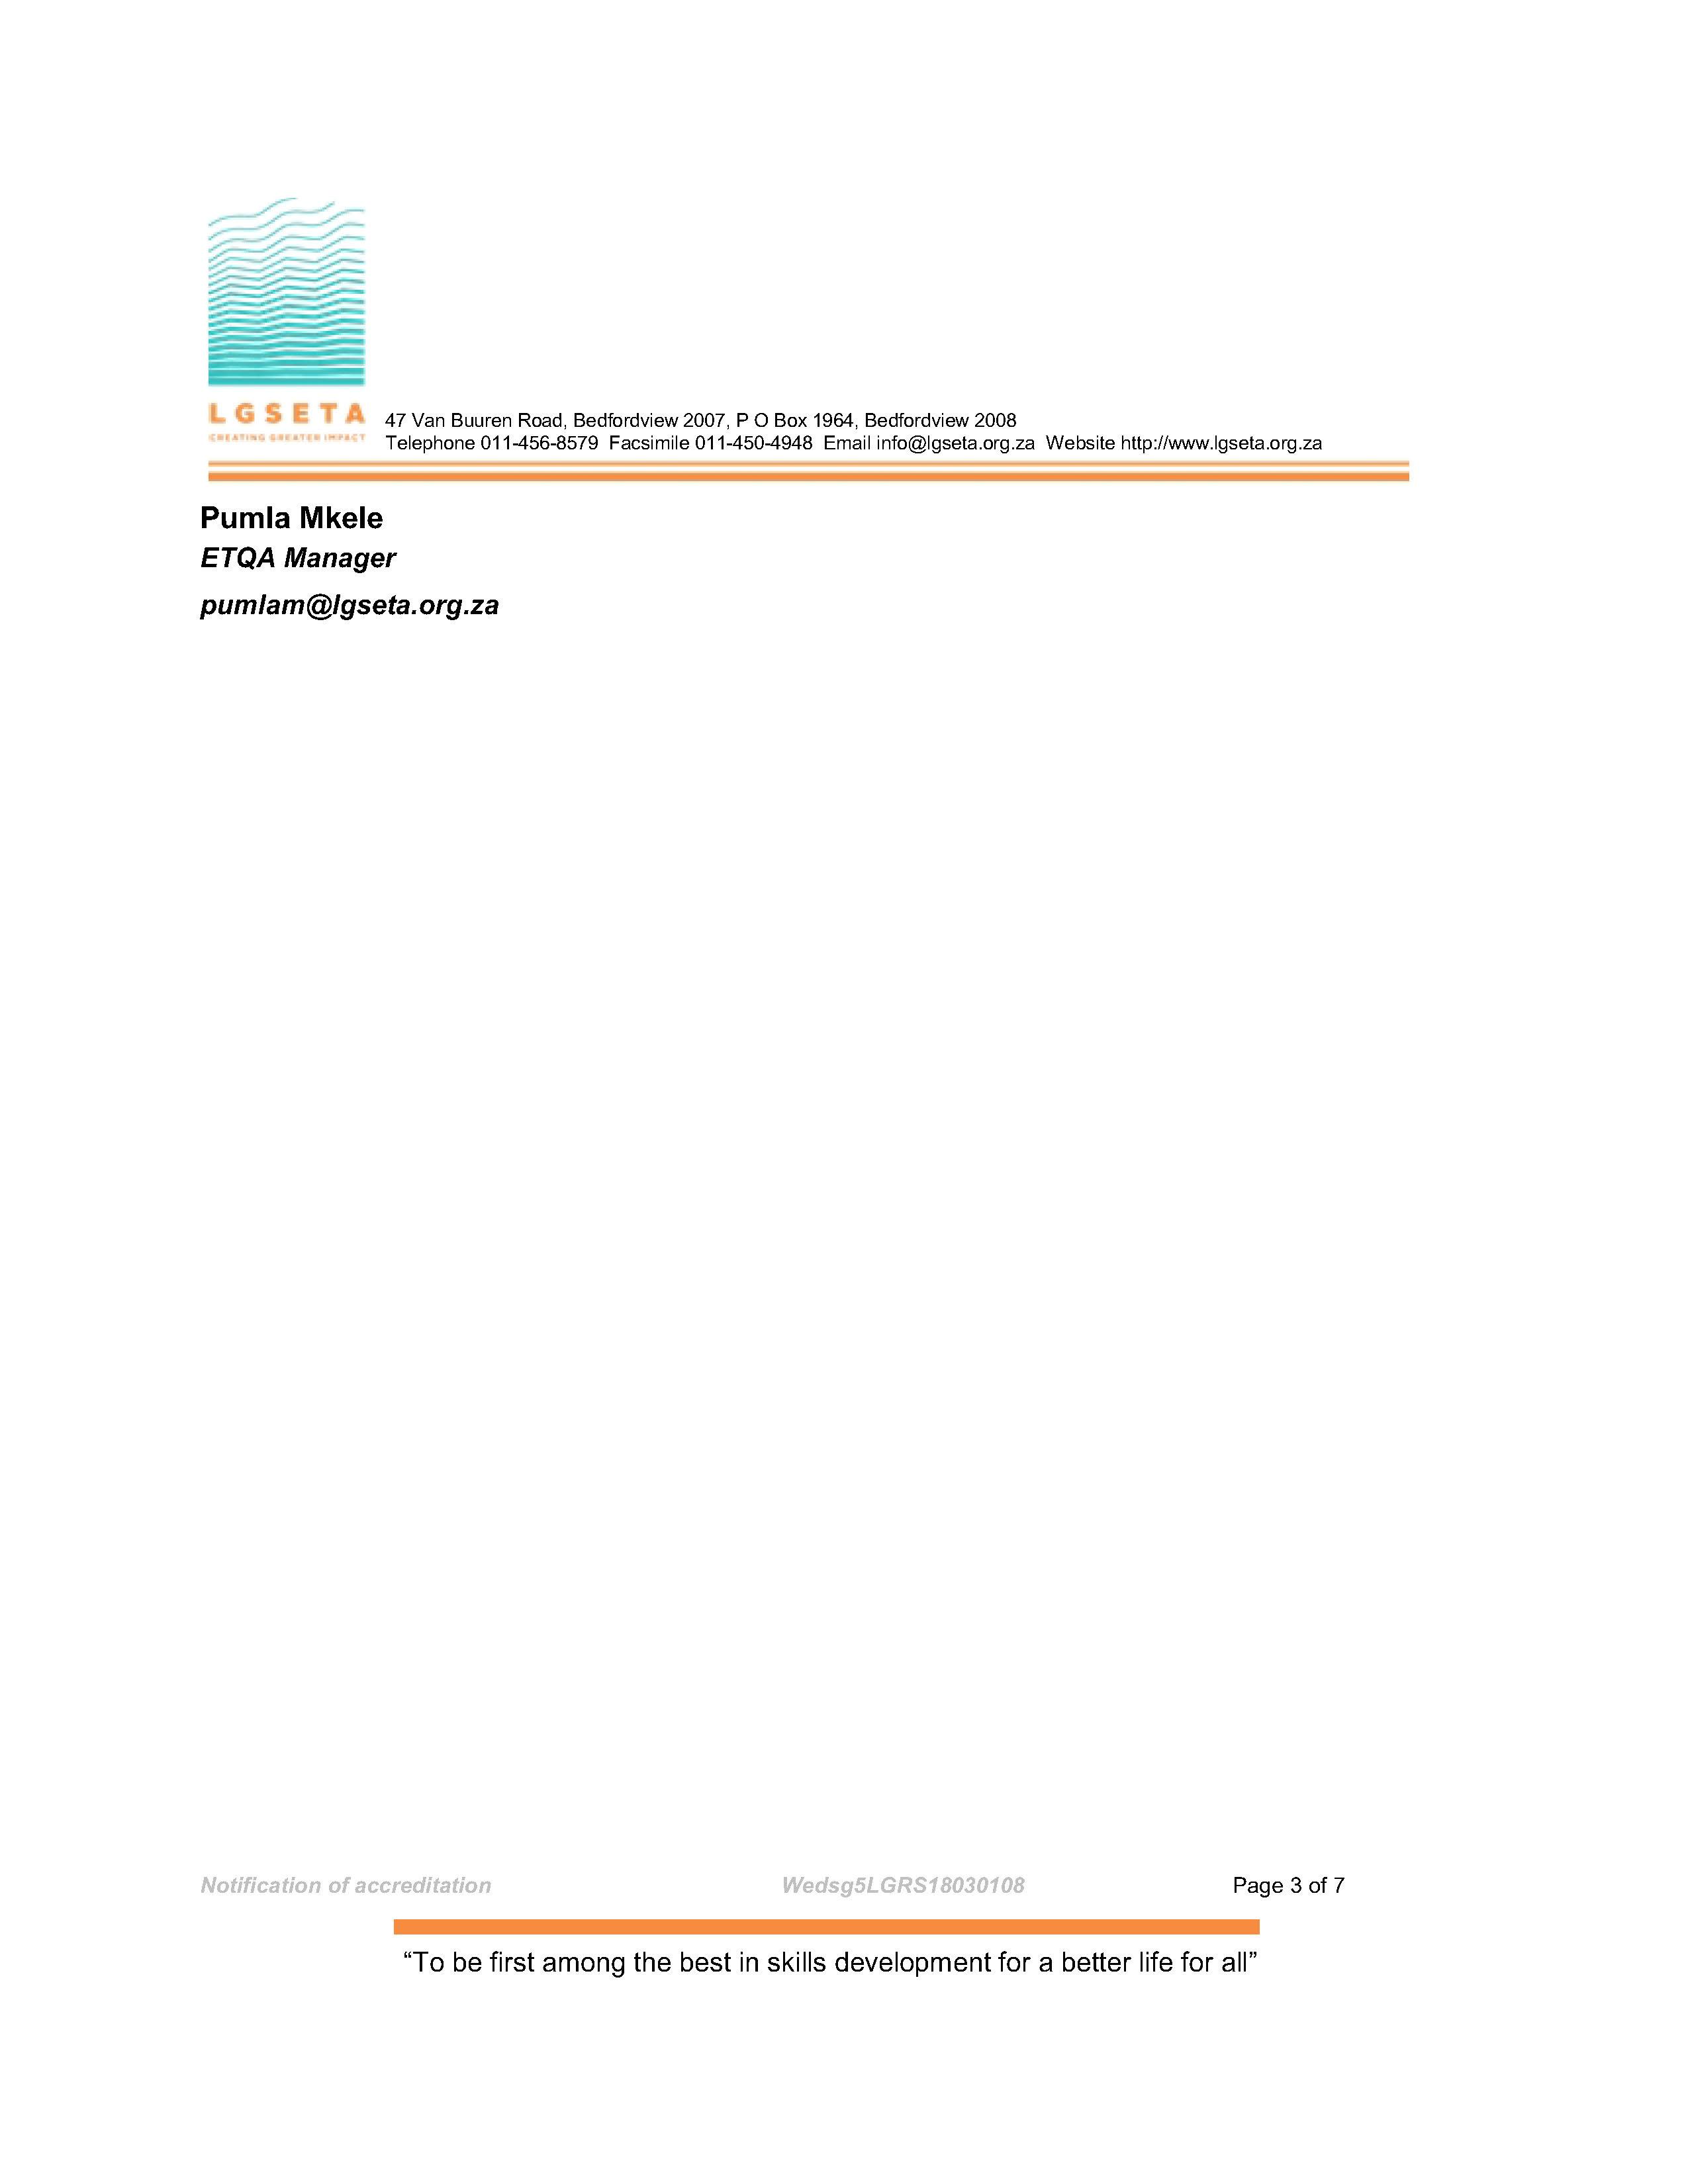 LGSETA ACCREDITATION 11 MAY 2021_Page_3